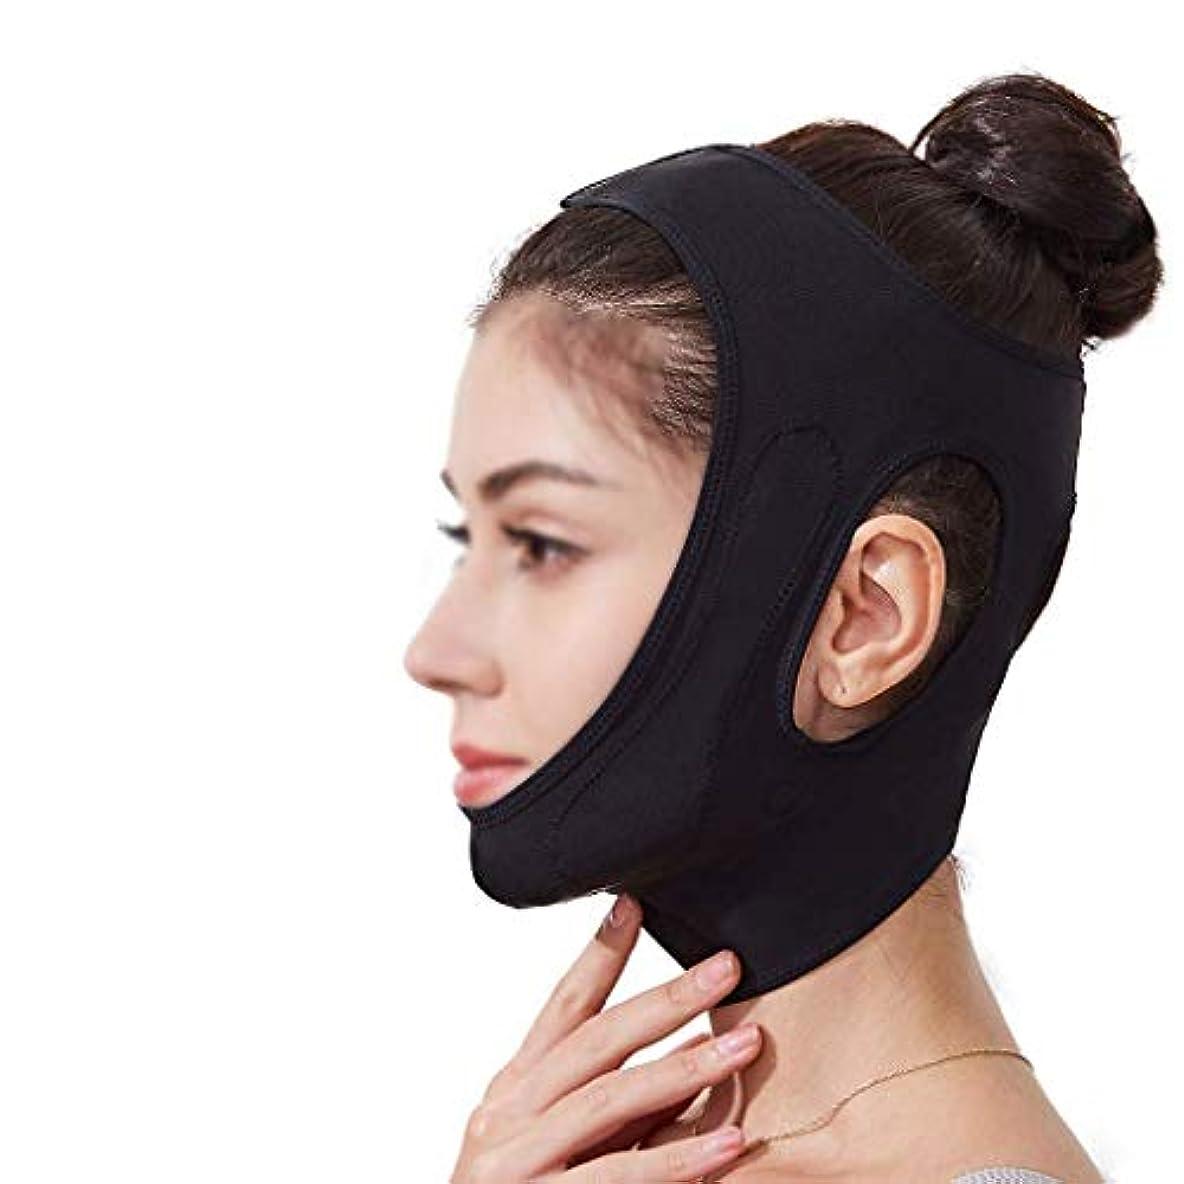 作りますスイ回転するフェイスリフティングバンデージ、顔の頬V字型リフティングフェイスマスクしわの軽減ダブルチン快適な包帯で小さなVフェイスを作成(色:黒)